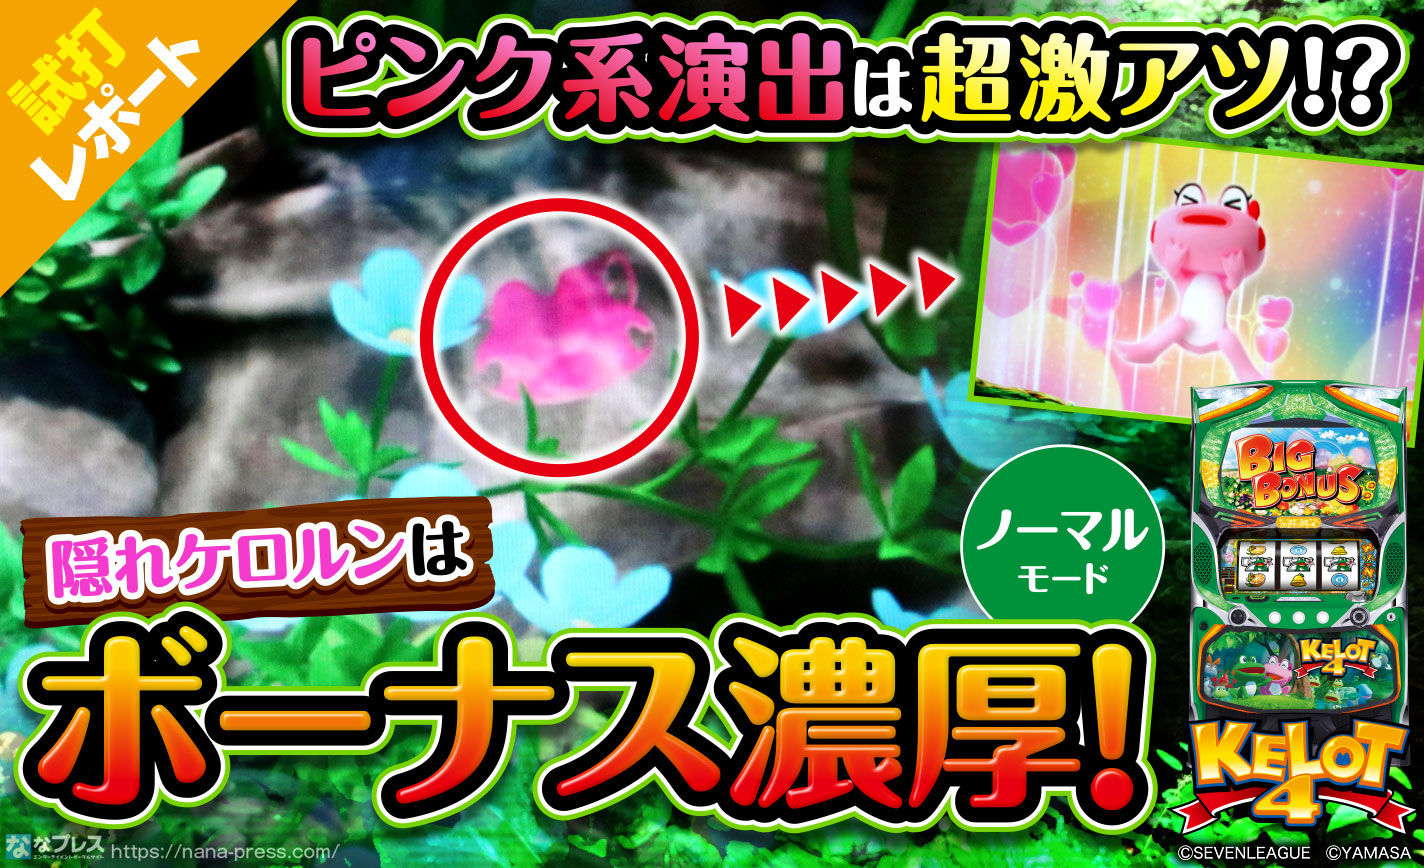 【パチスロ ケロット4 試打#1】ノーマルモードはピンク系に注目!「隠れケロルン」は出現時点でボーナス濃厚! eyecatch-image